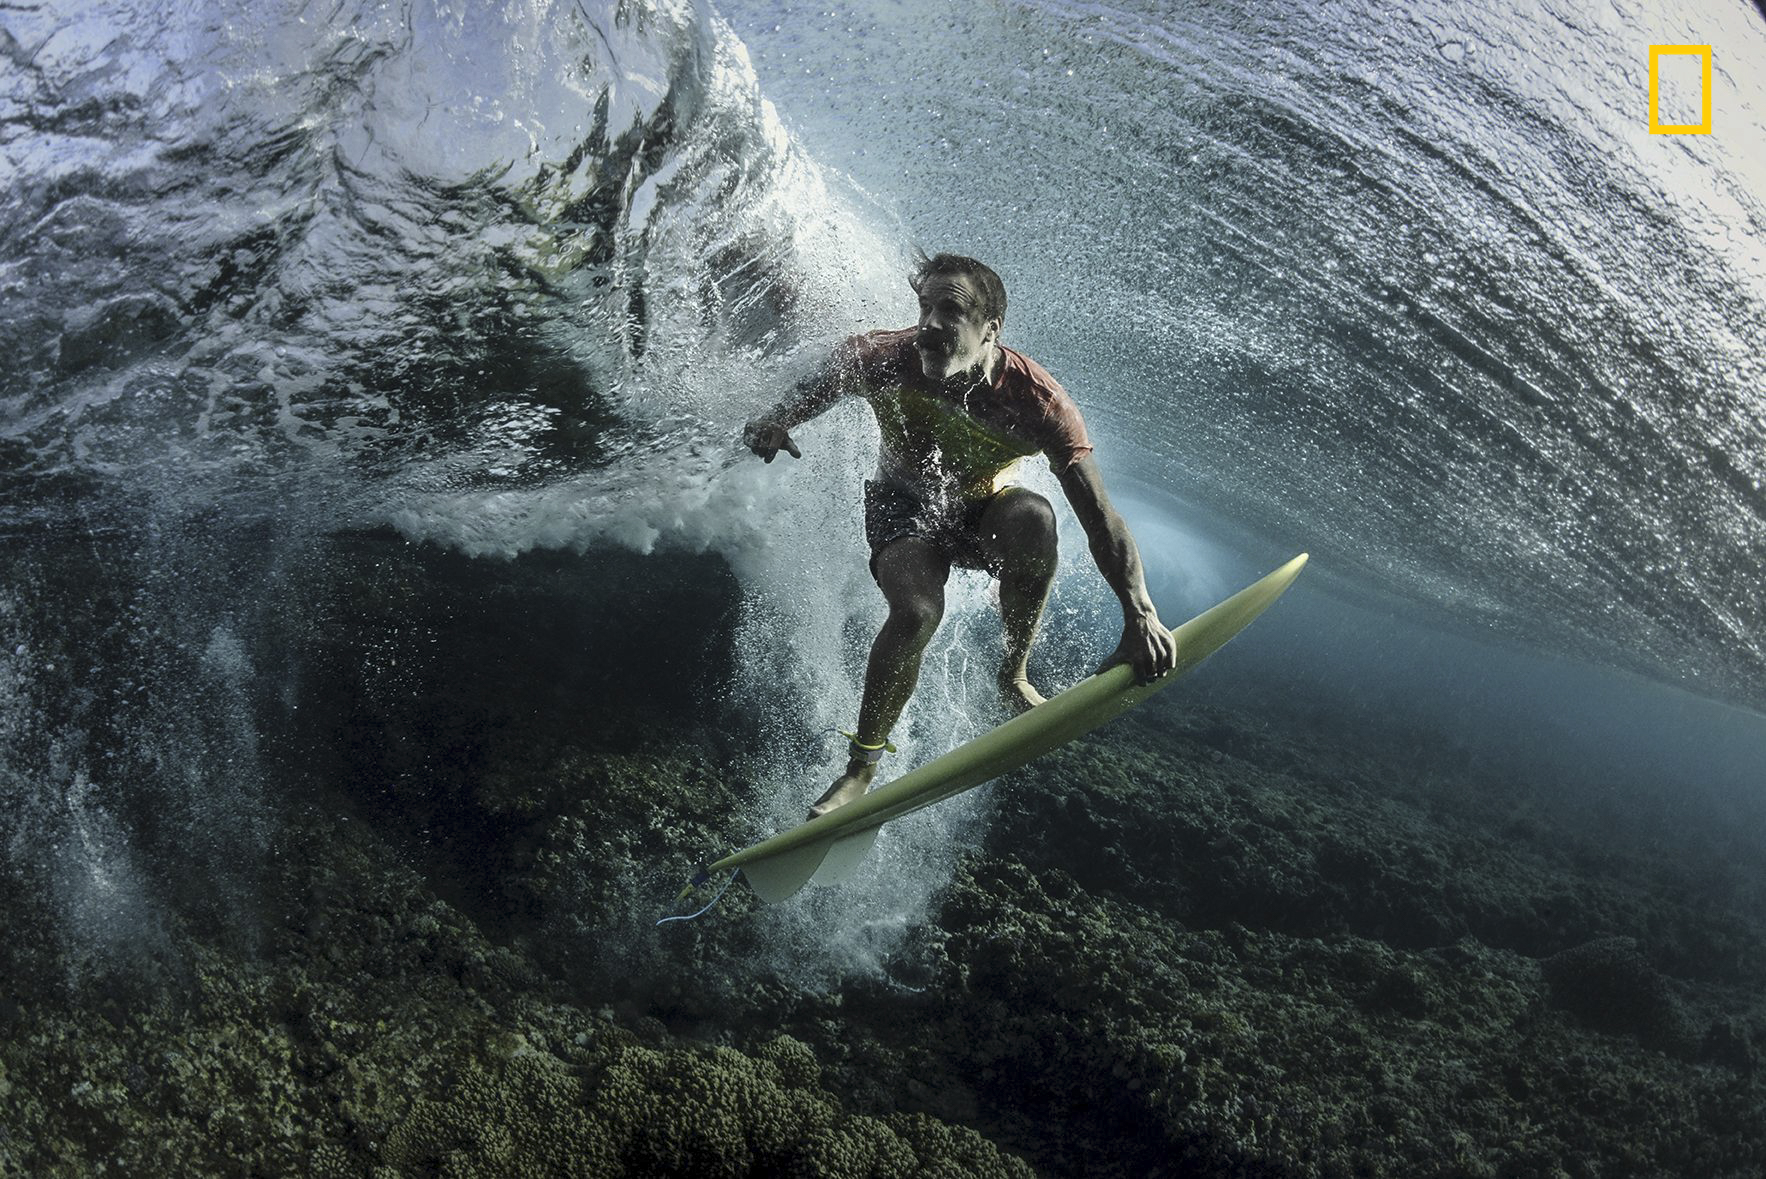 Under the Wave. Fotografía de Rodney Bursiel, galardonado en el National Geographic Travel Photographer of the Year